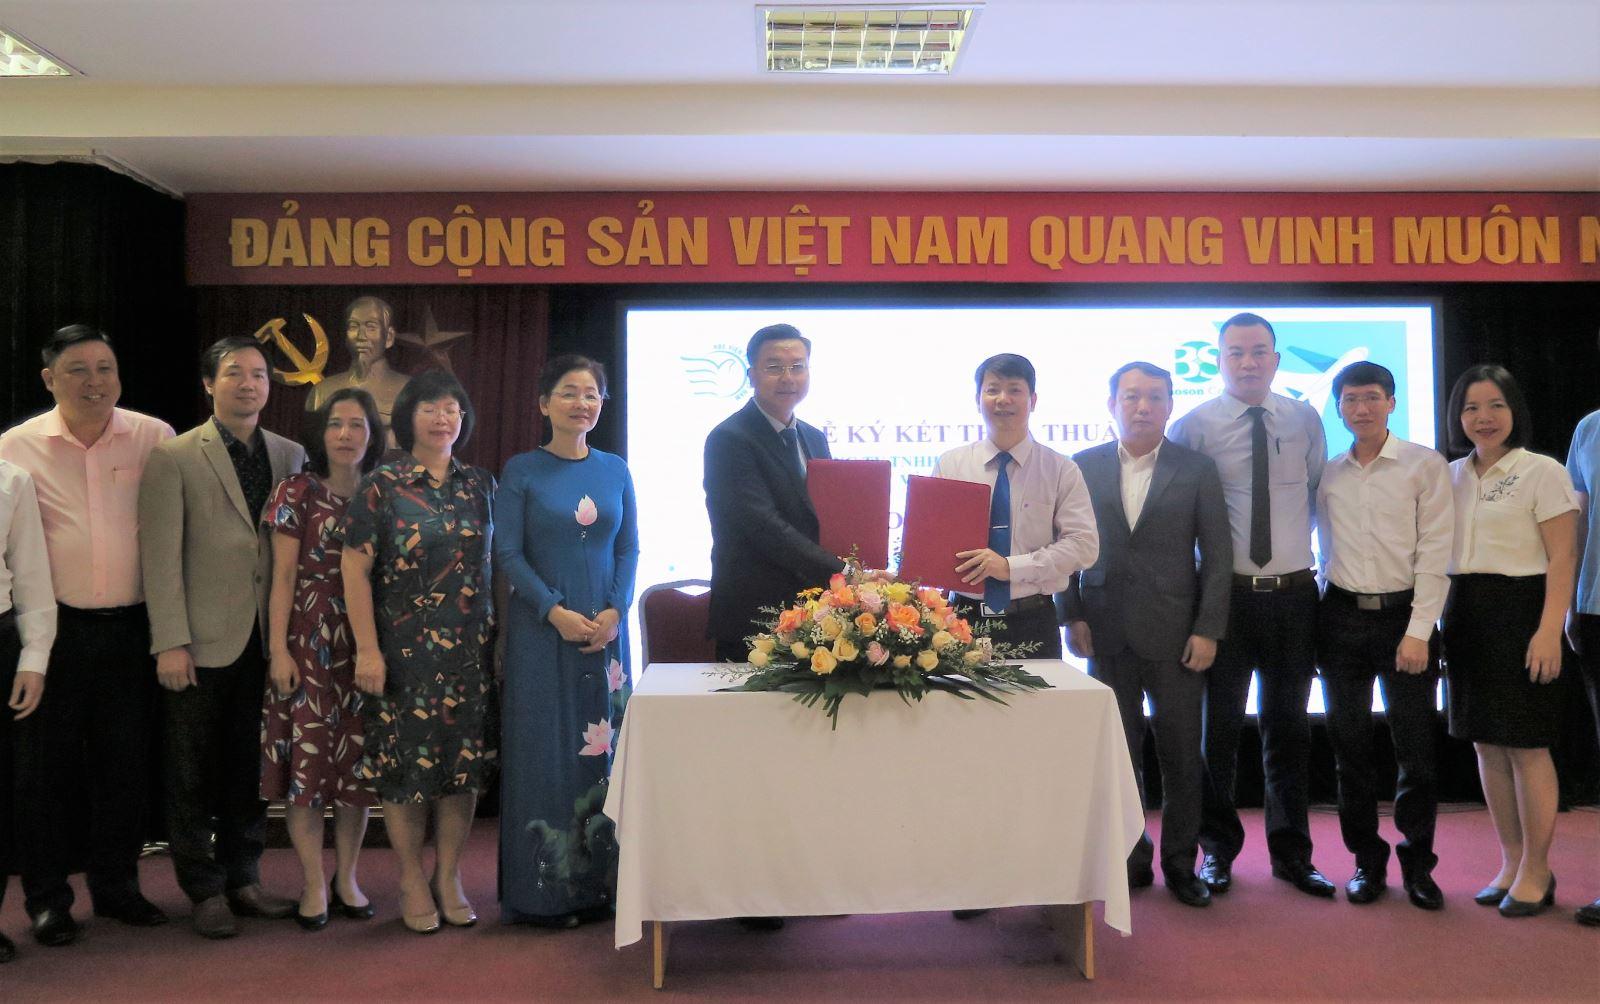 Lễ ký kết hợp tác giữa Học viện Phụ nữ Việt Nam và Tập đoàn Bảo Sơn